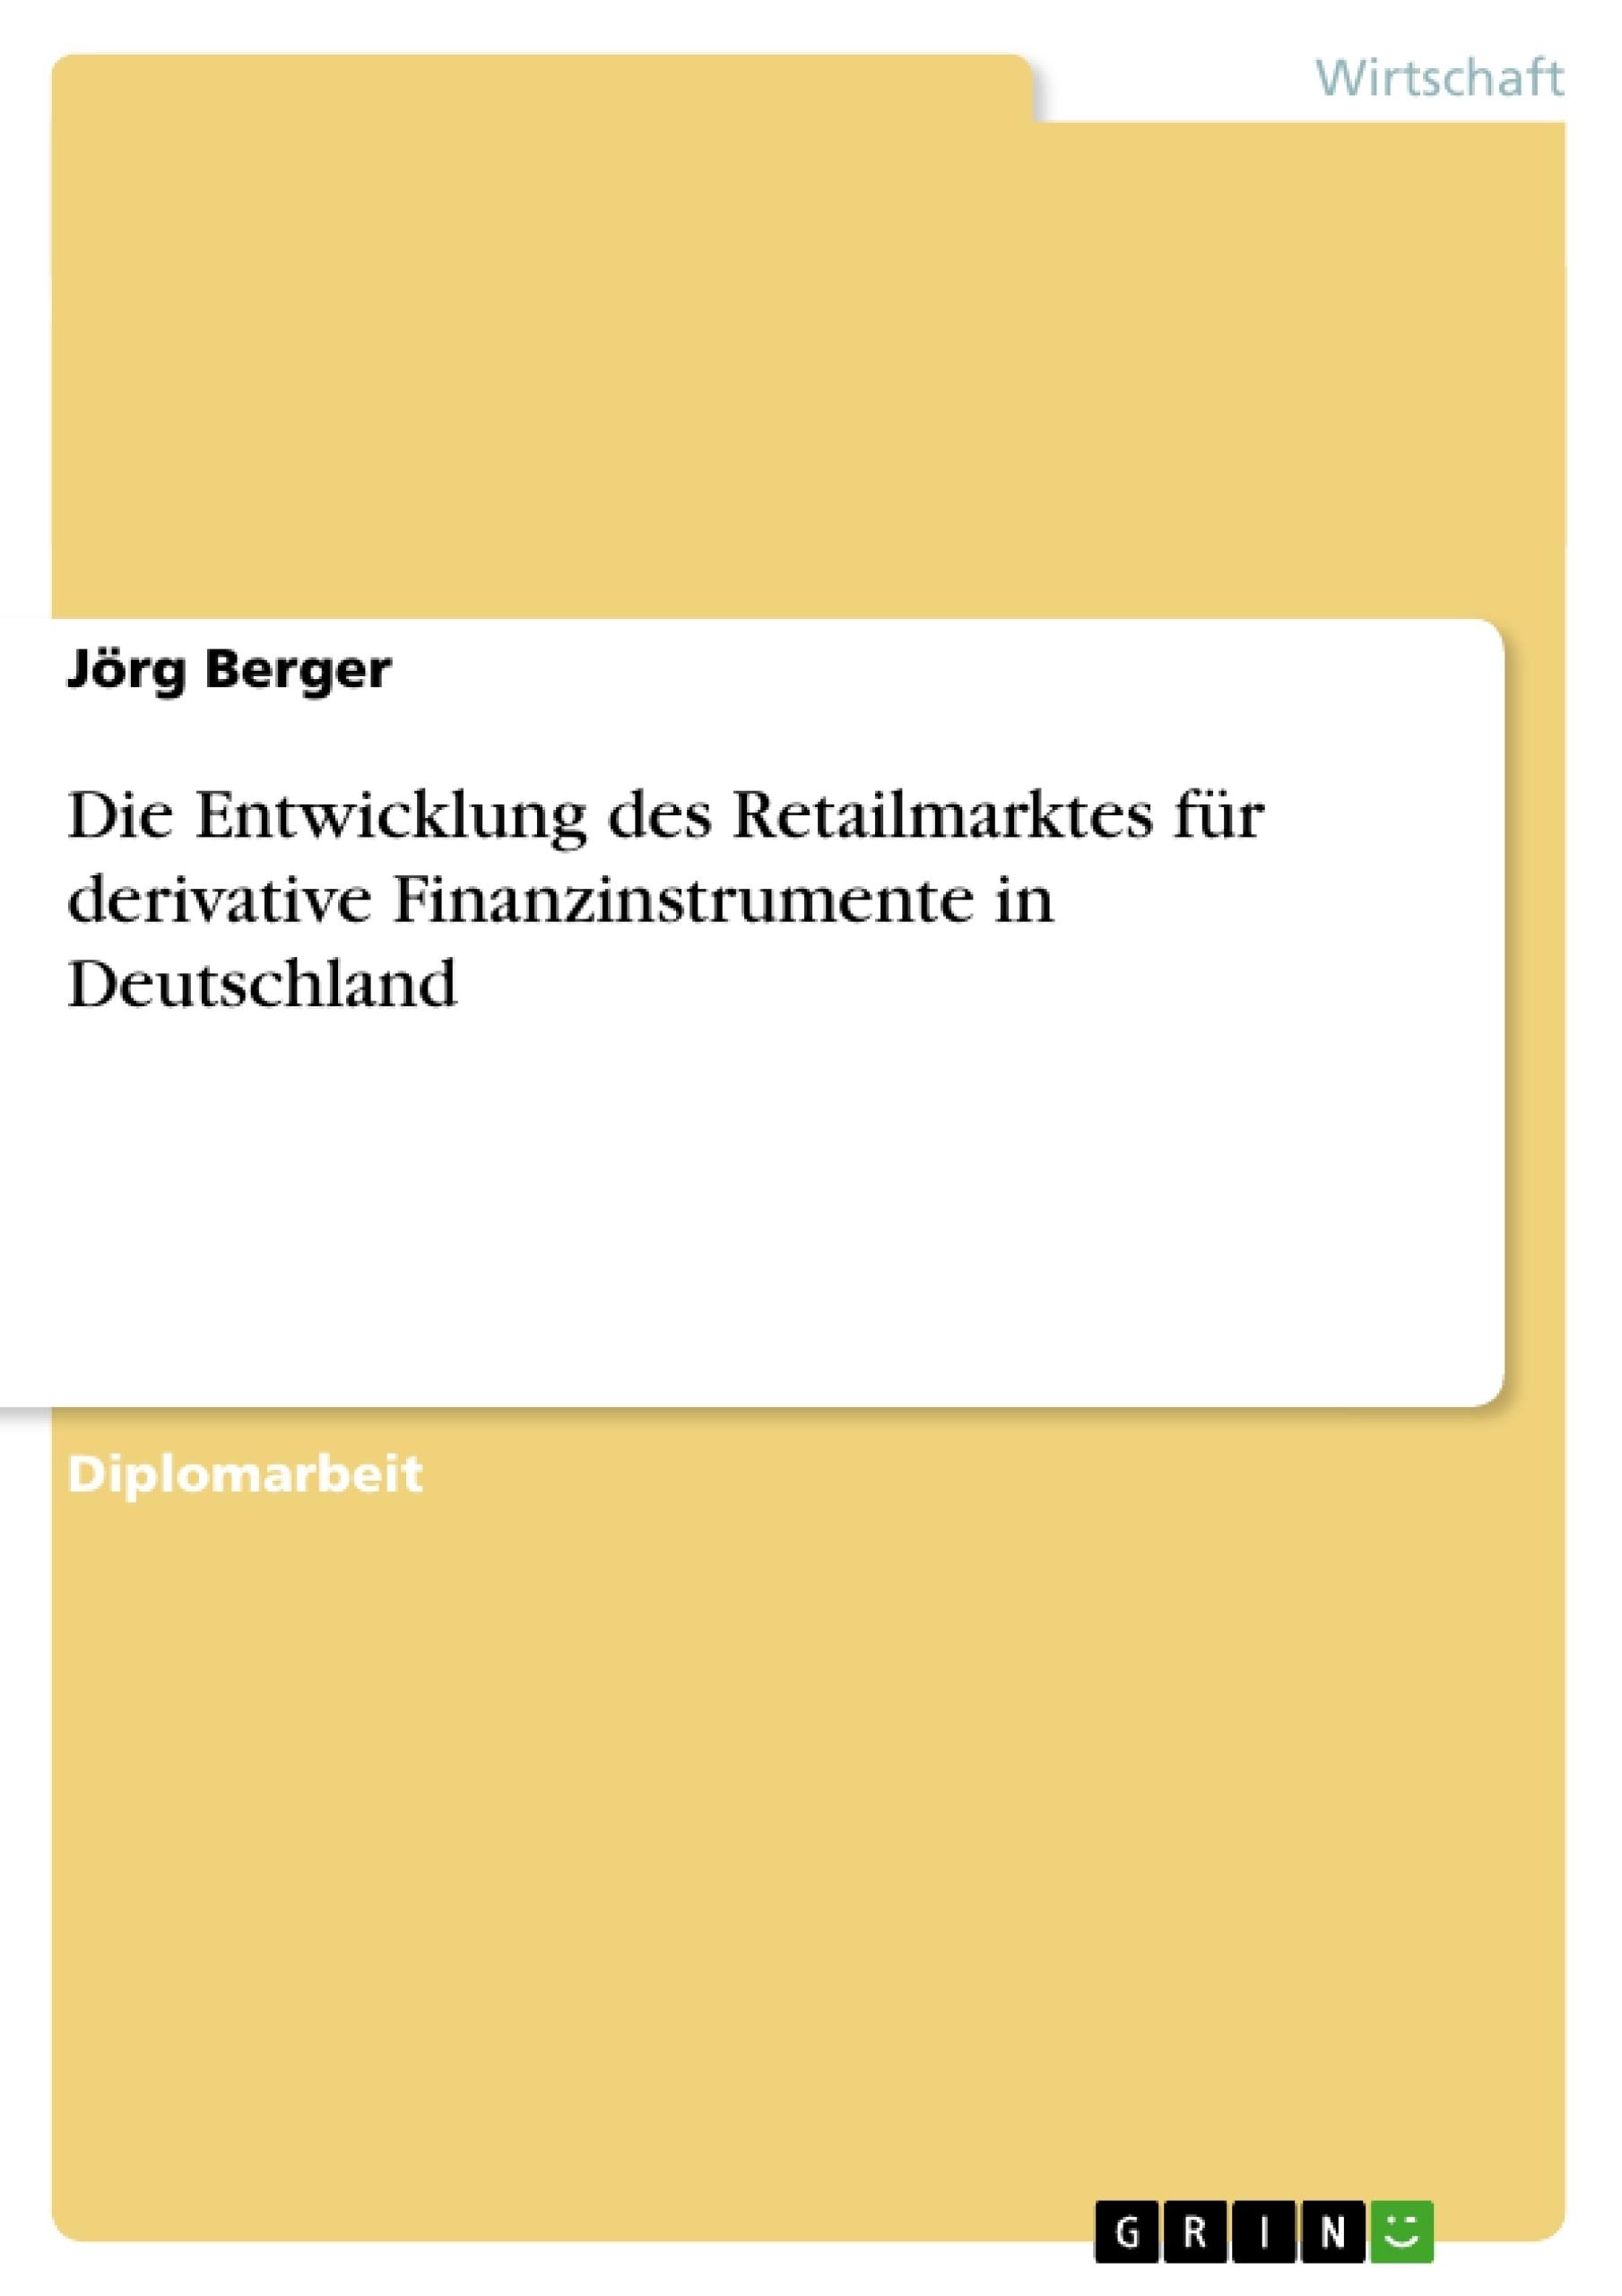 Titel: Die Entwicklung des Retailmarktes für derivative Finanzinstrumente in Deutschland